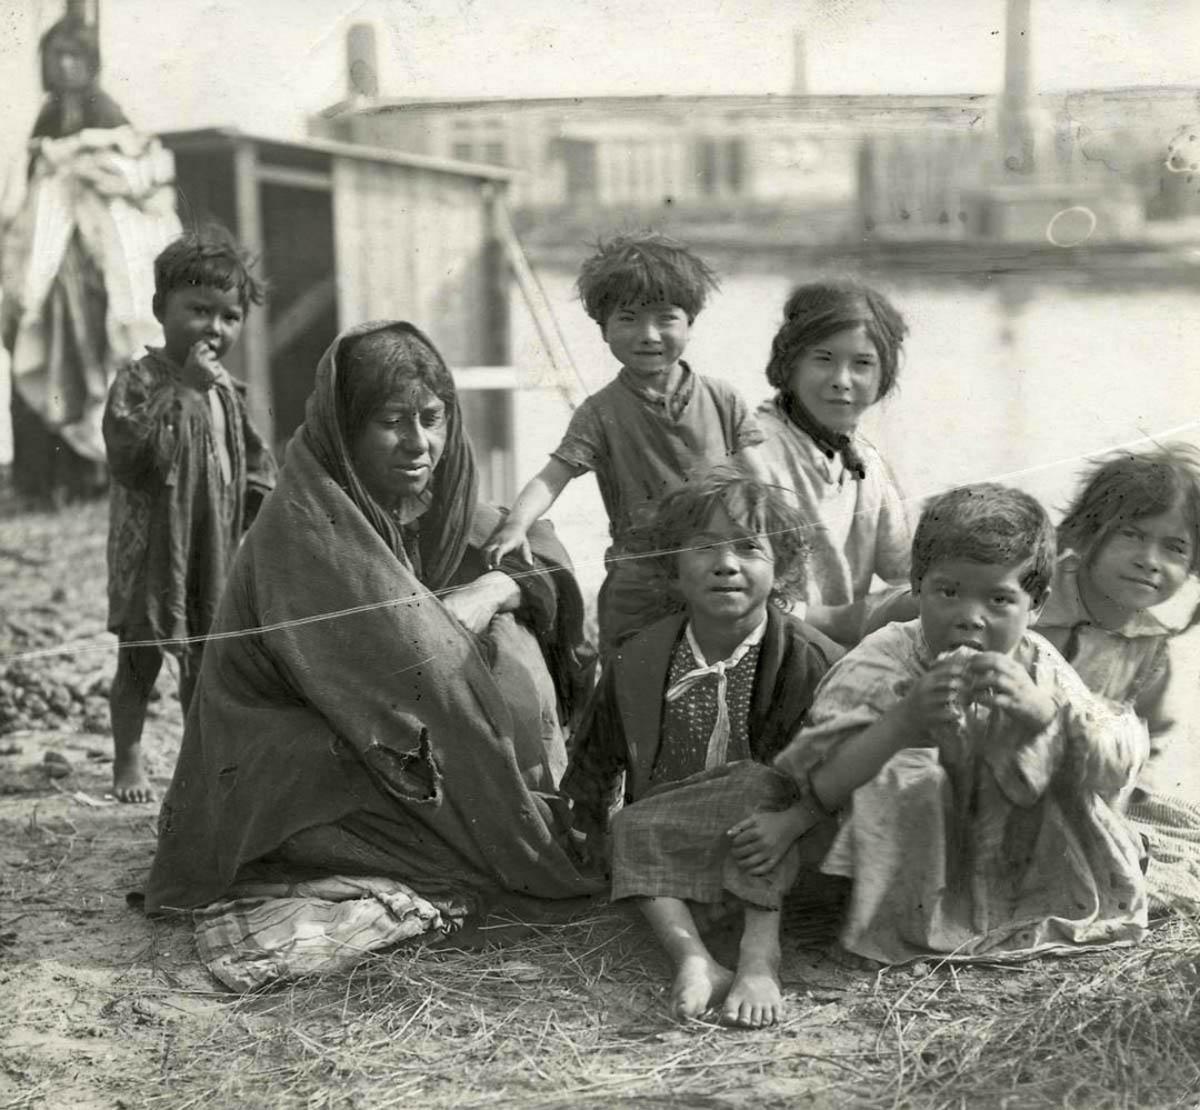 A vida dos ciganos na Europa antes da Segunda Guerra Mundial 01